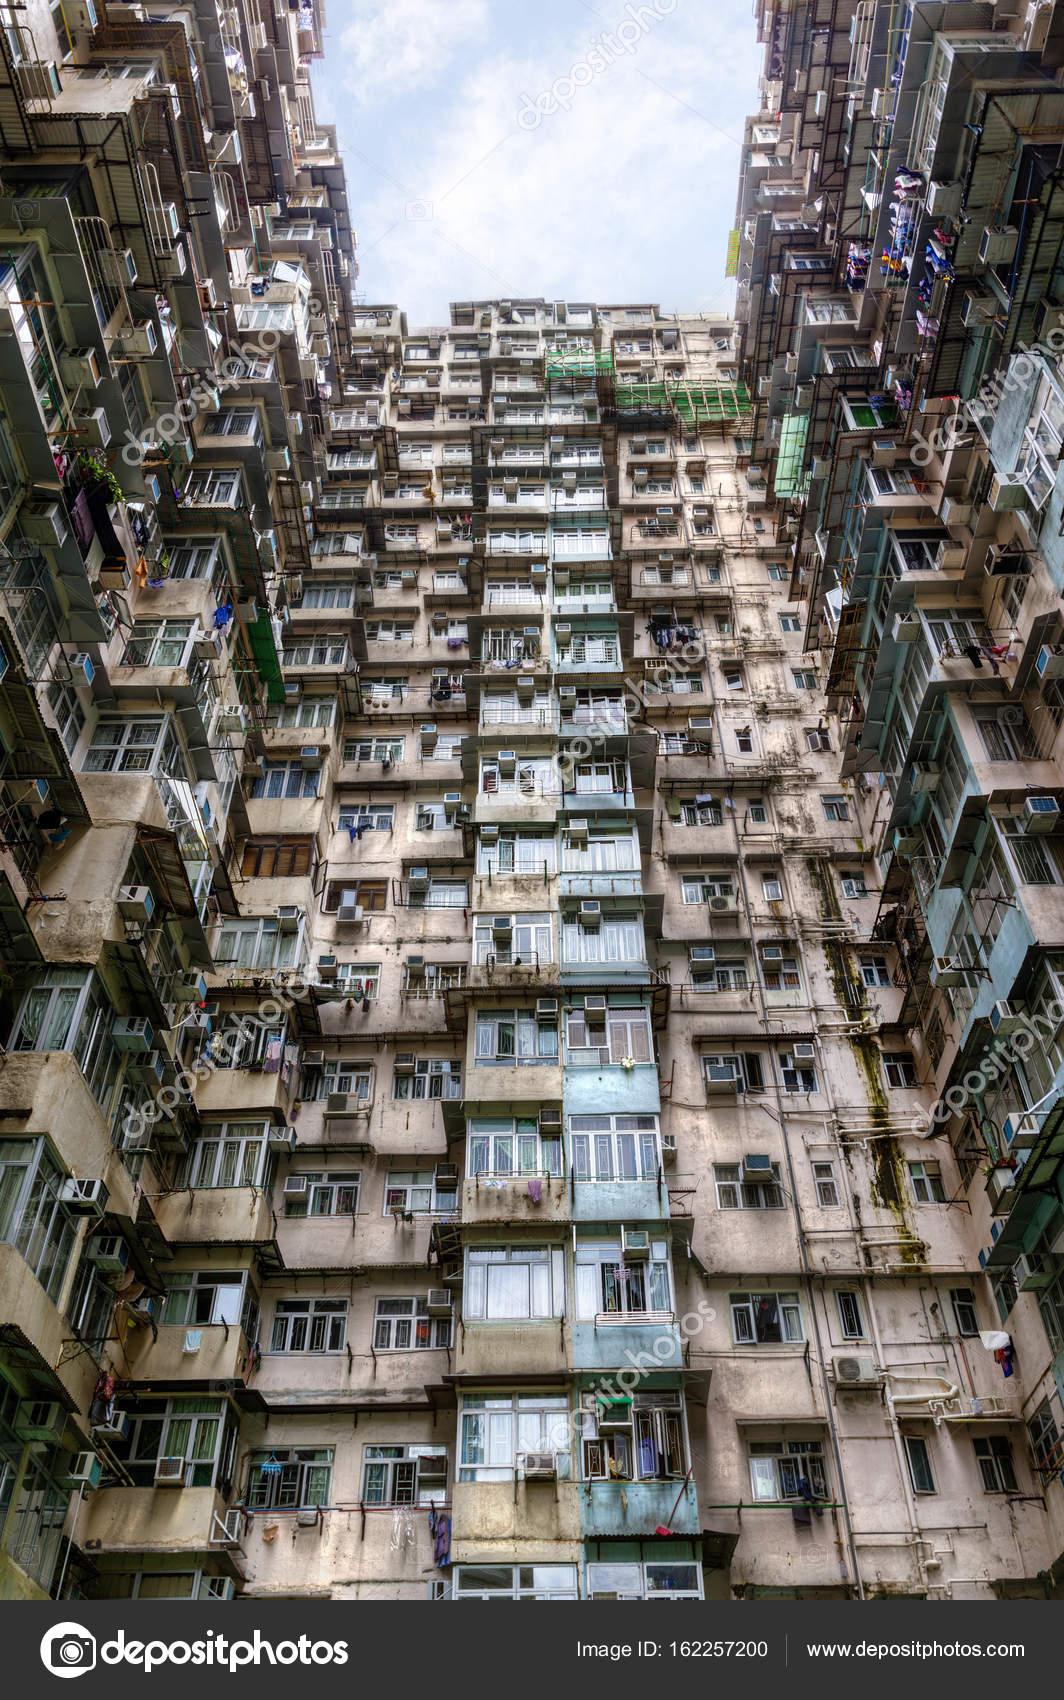 aglomerado habitacional em hong kong fotografias de stock ronniechua 162257200. Black Bedroom Furniture Sets. Home Design Ideas